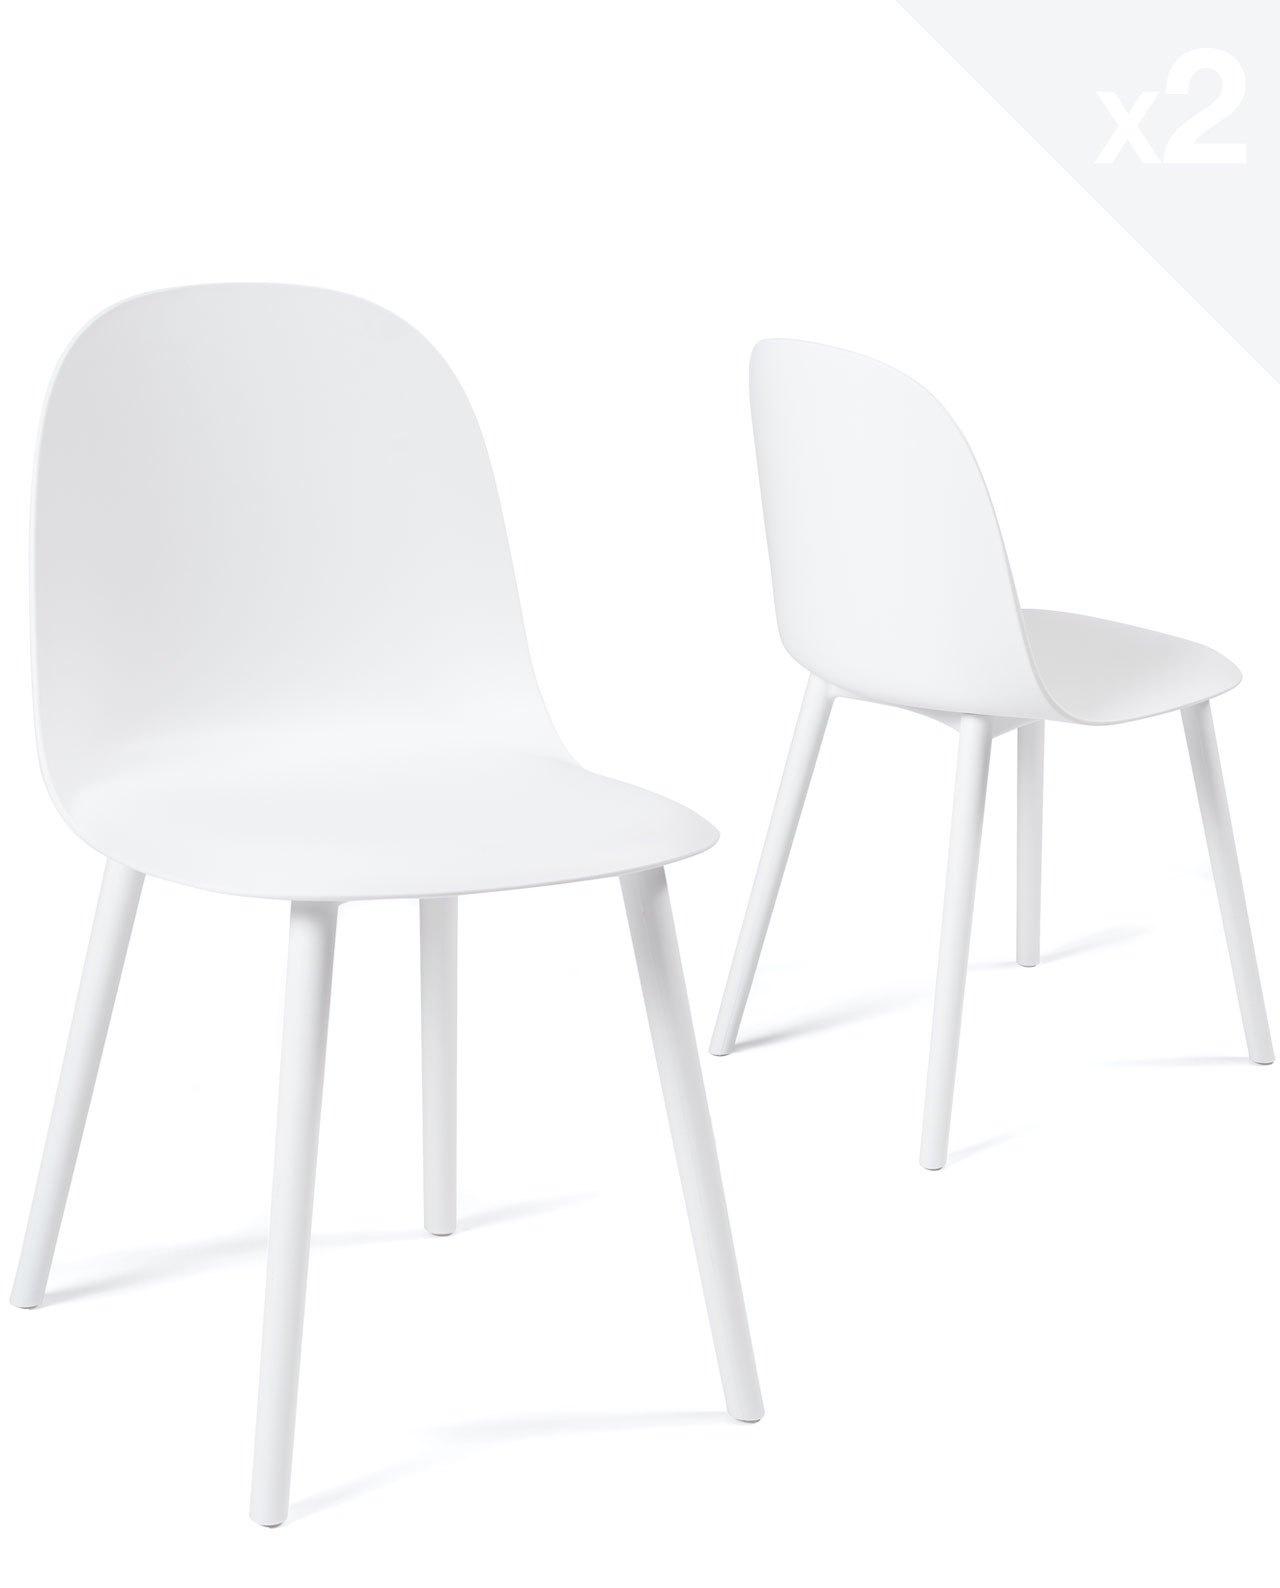 chaise de cuisine interieur exterieur ufi lot de 2